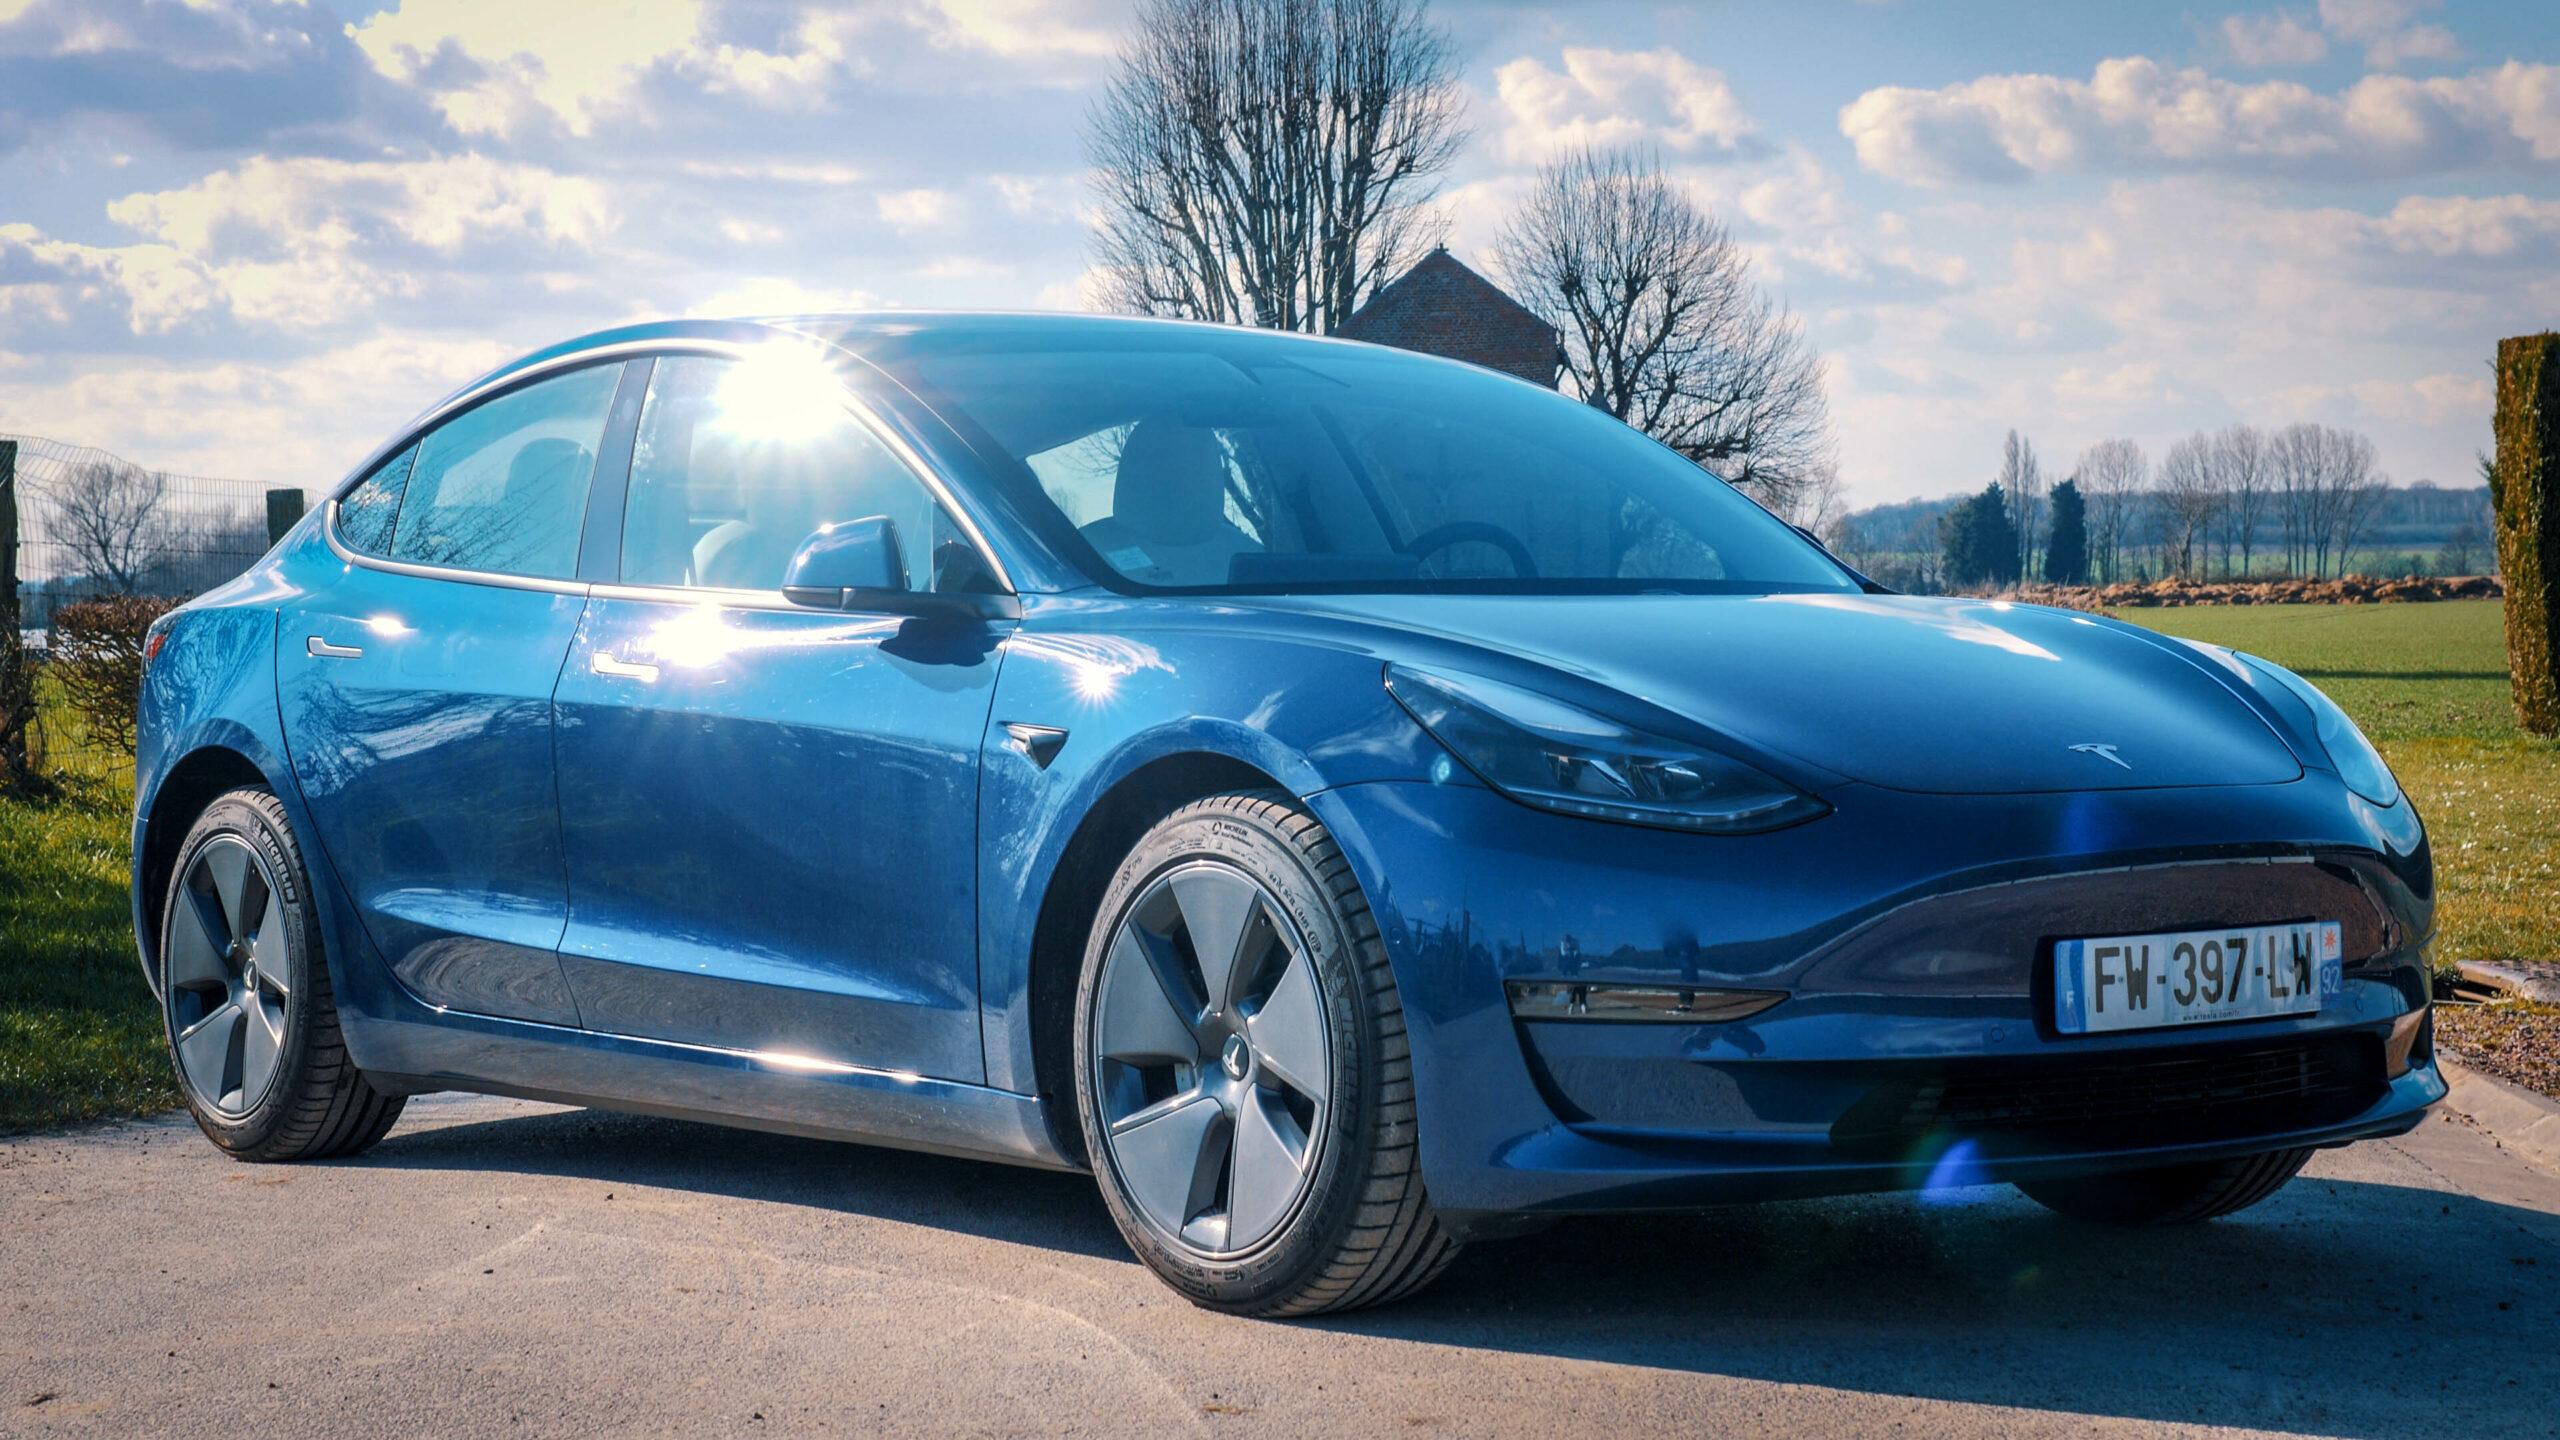 Le freinage régénératif sur une voiture électrique, comment ça marche ?